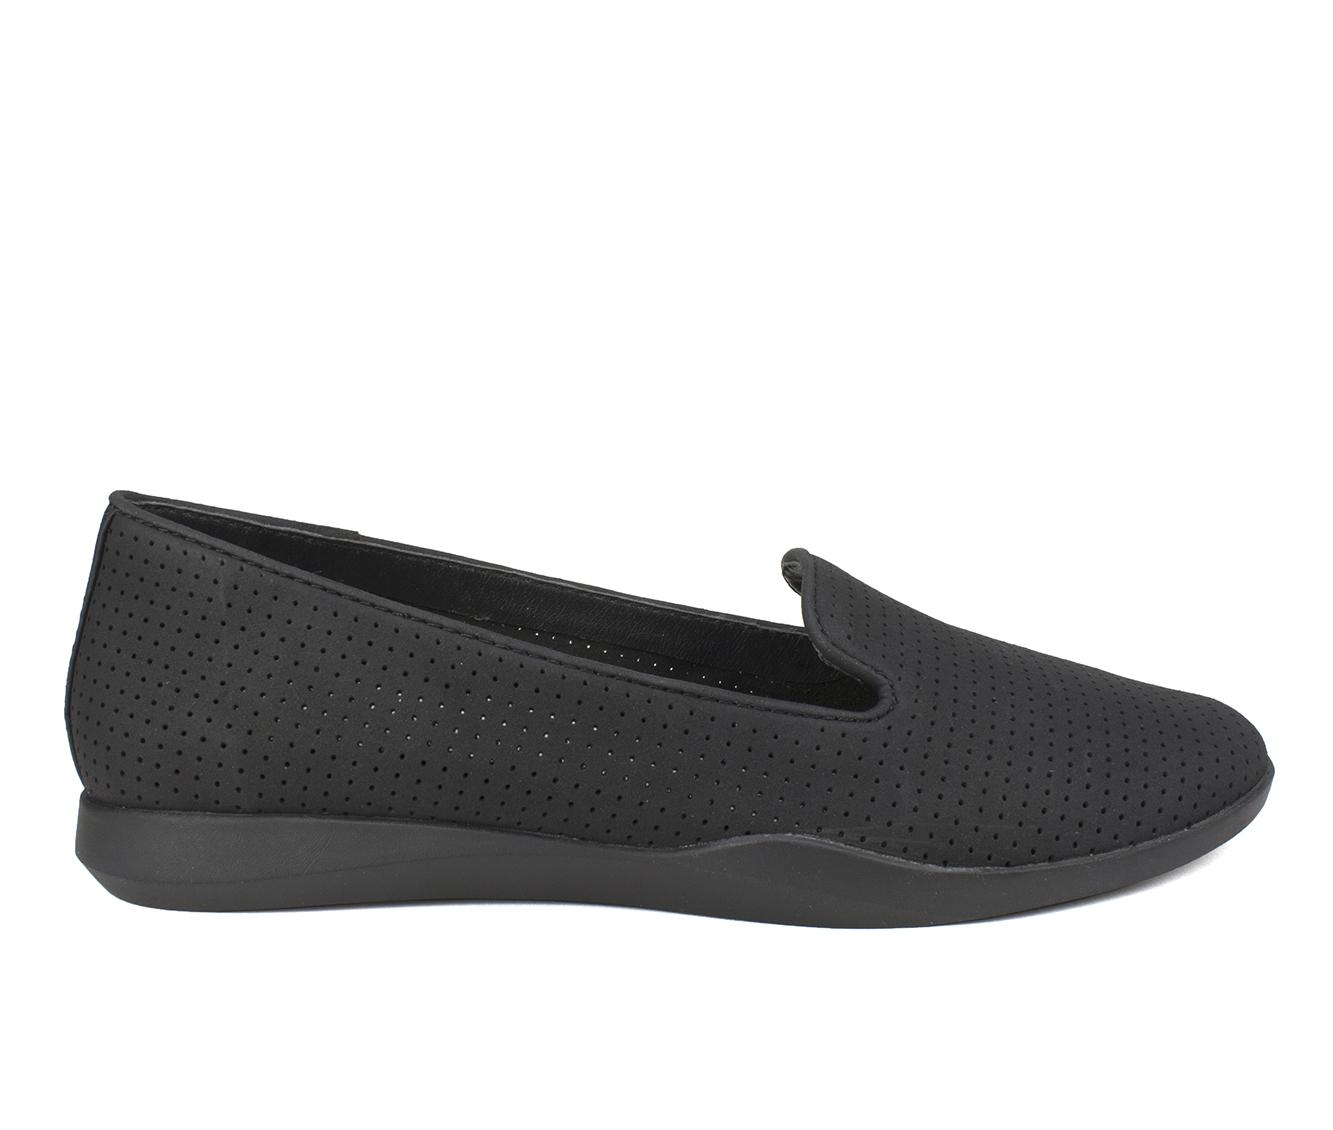 Cliffs Piper Women's Shoe (Black Faux Leather)